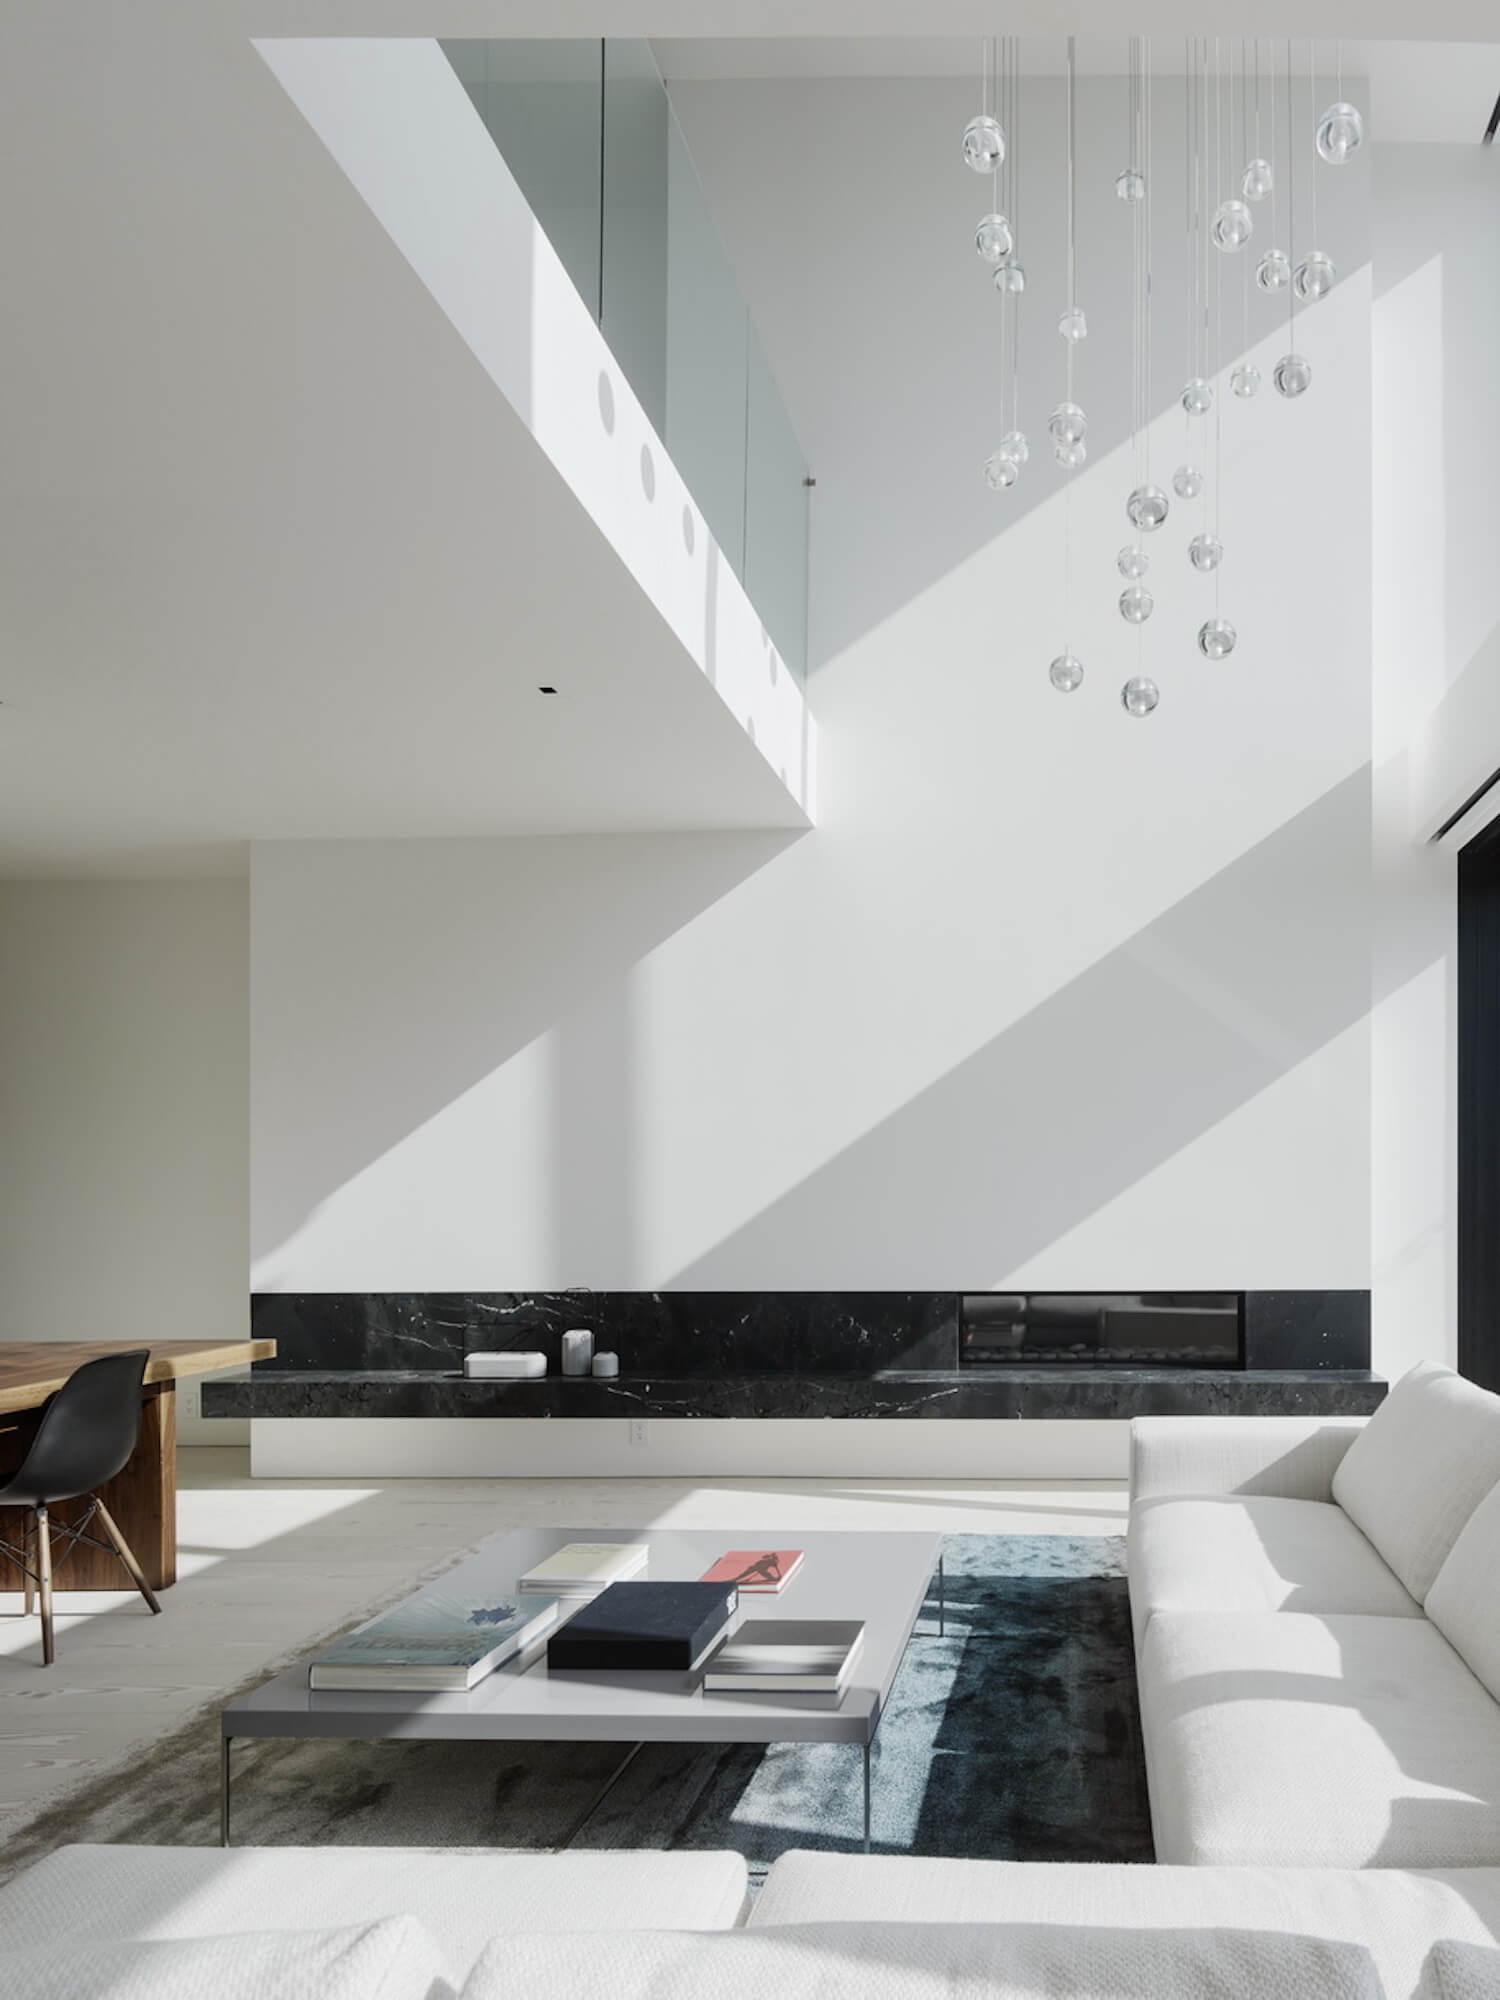 est living edmonds lee architects remember house 23